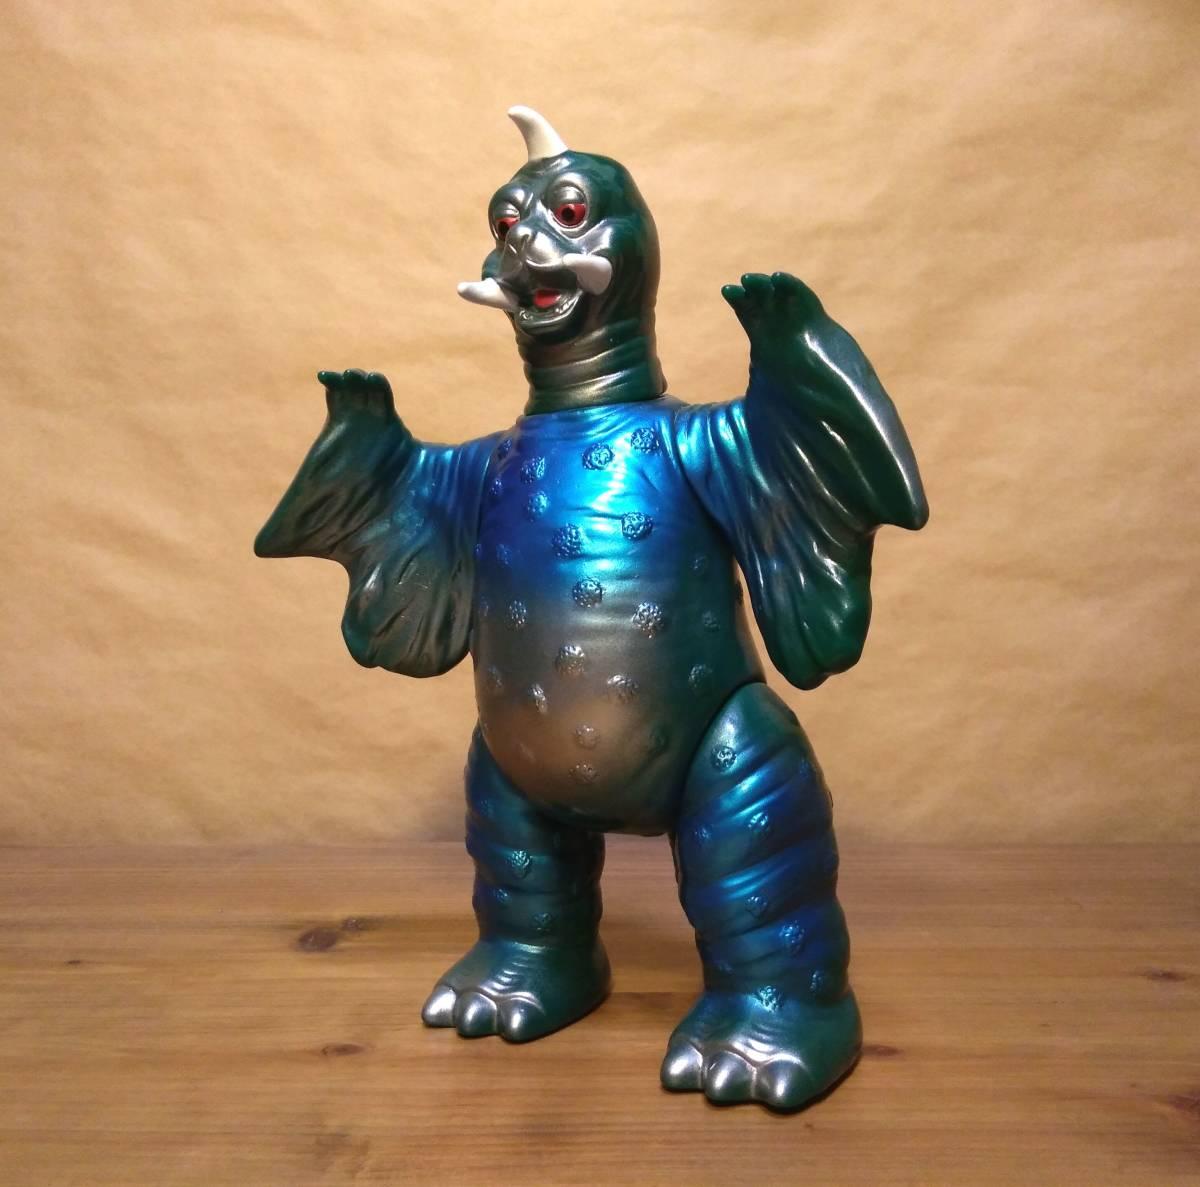 ◆◇◆ウルトラ怪獣ソフビ ブルマァク ペギラ復刻版(グリーン×メタリックブルー)ヘッダー付き 美品! ◆◇◆